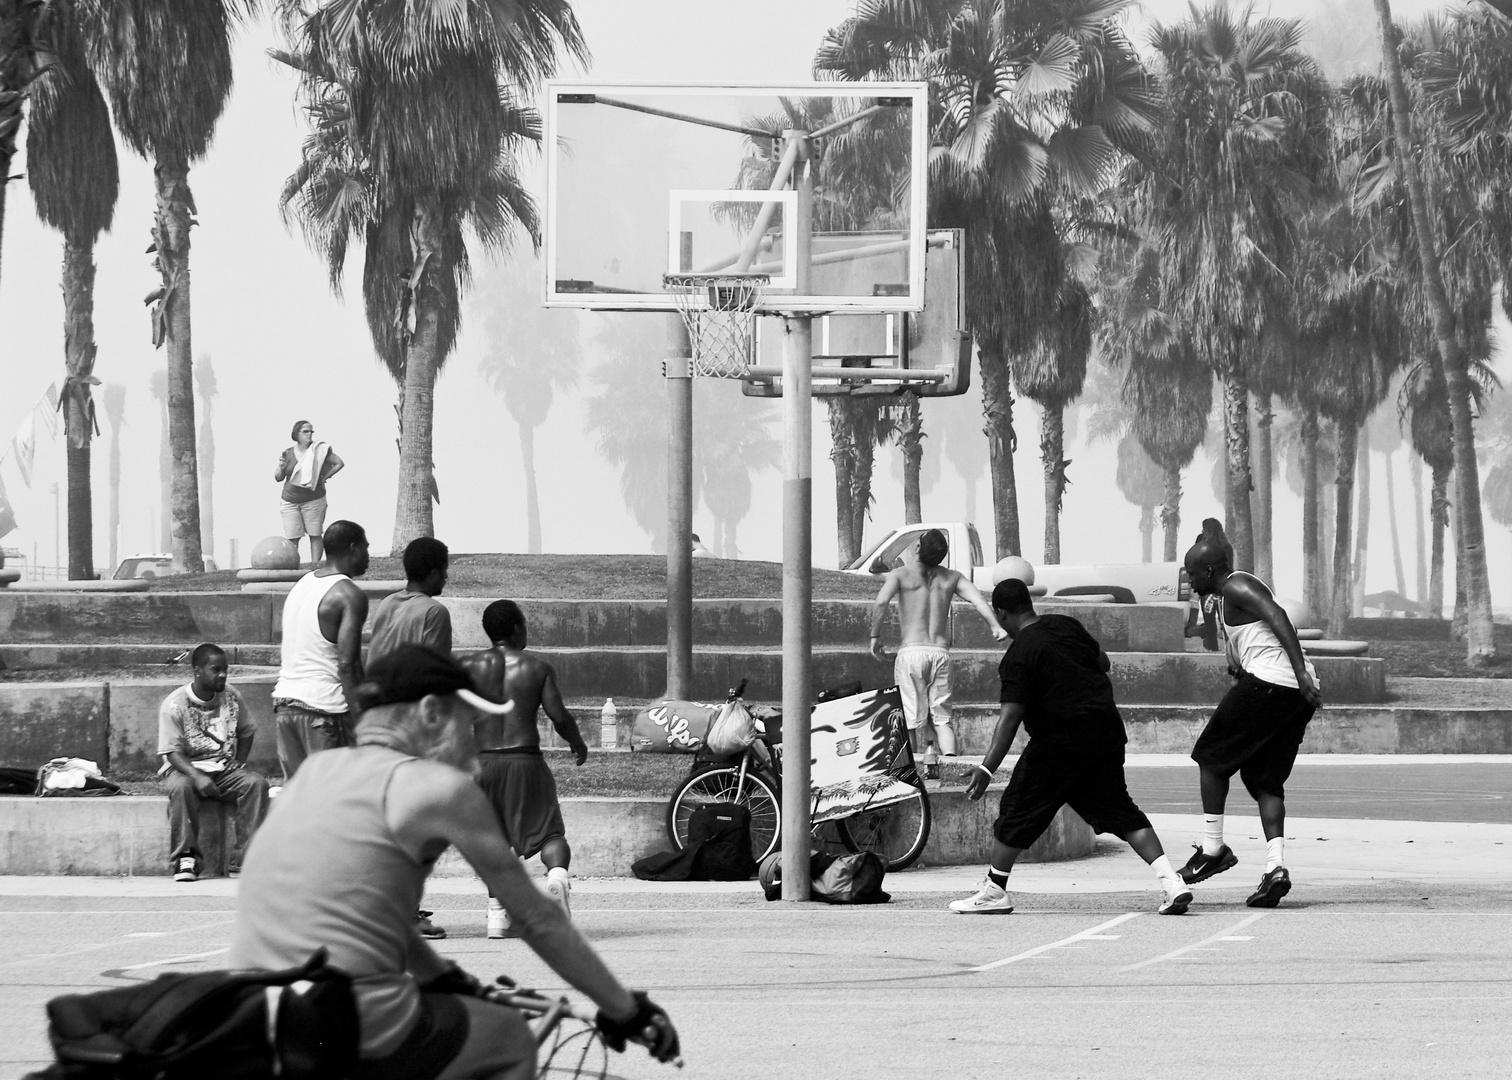 The Venice Beach Basketball Club